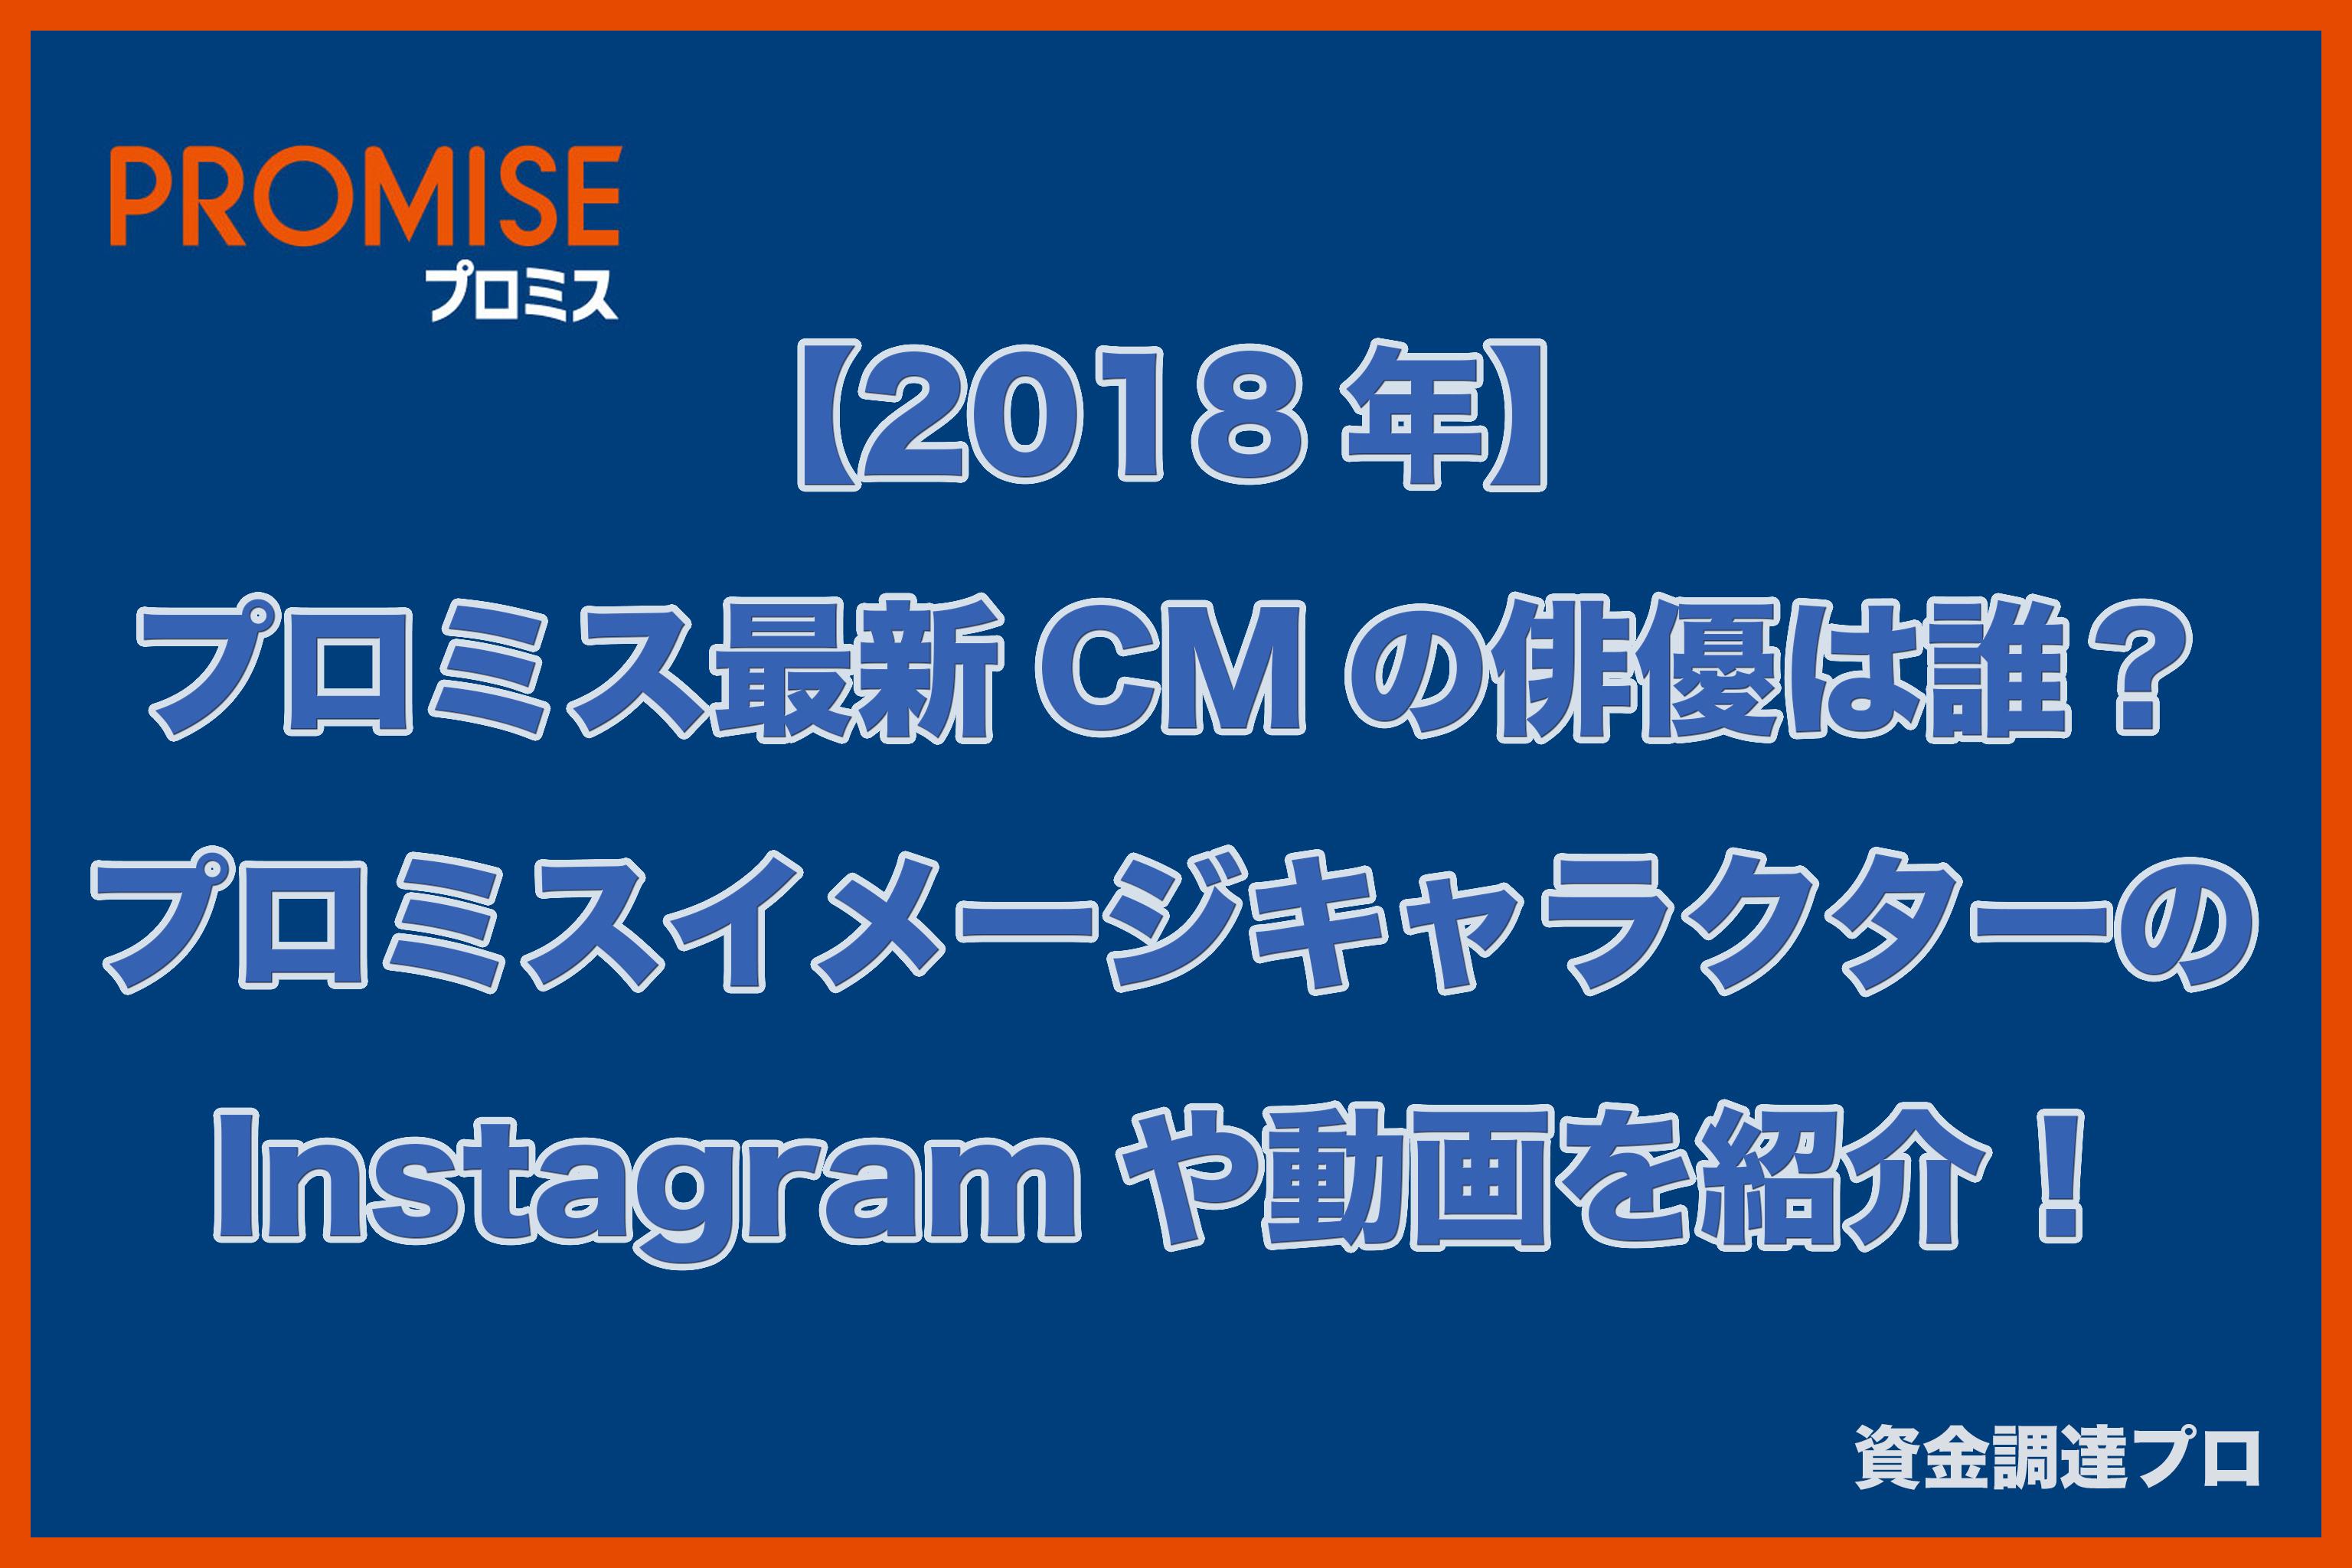 【2019年最新】プロミス最新CMの俳優は誰?プロミスイメージキャラクターのInstagramや動画を紹介!